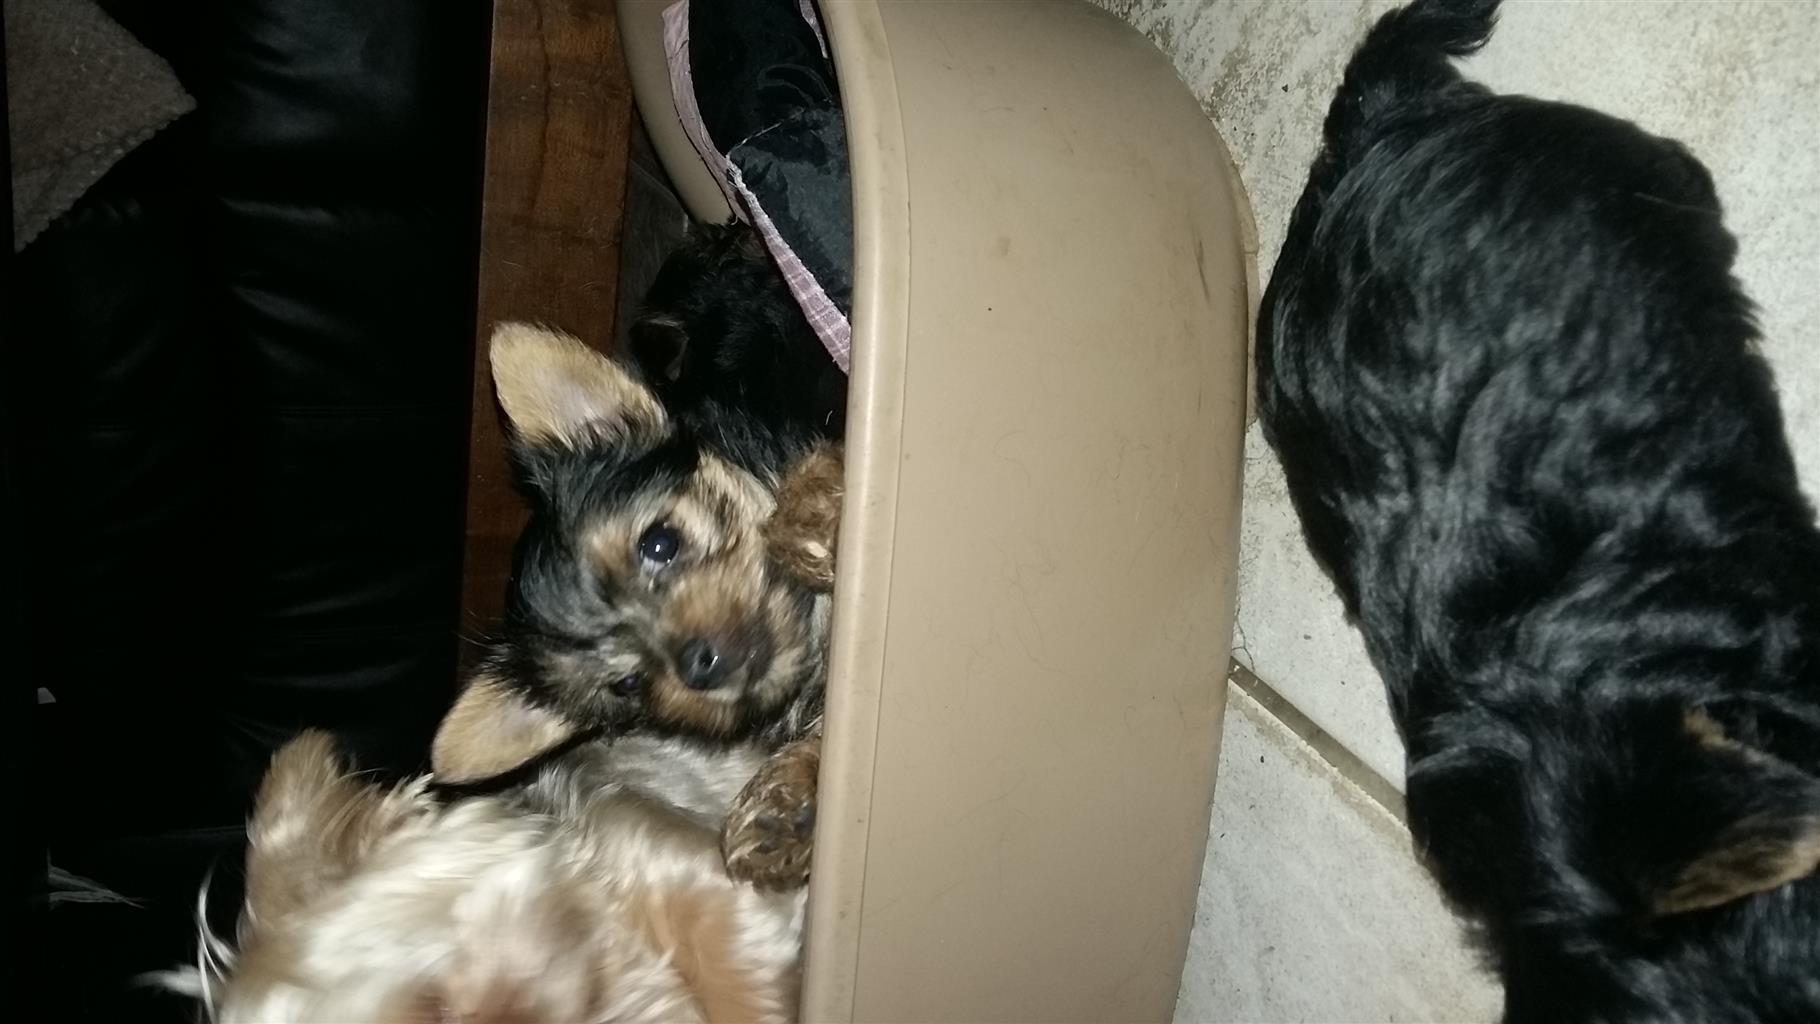 Yorkhire puppies